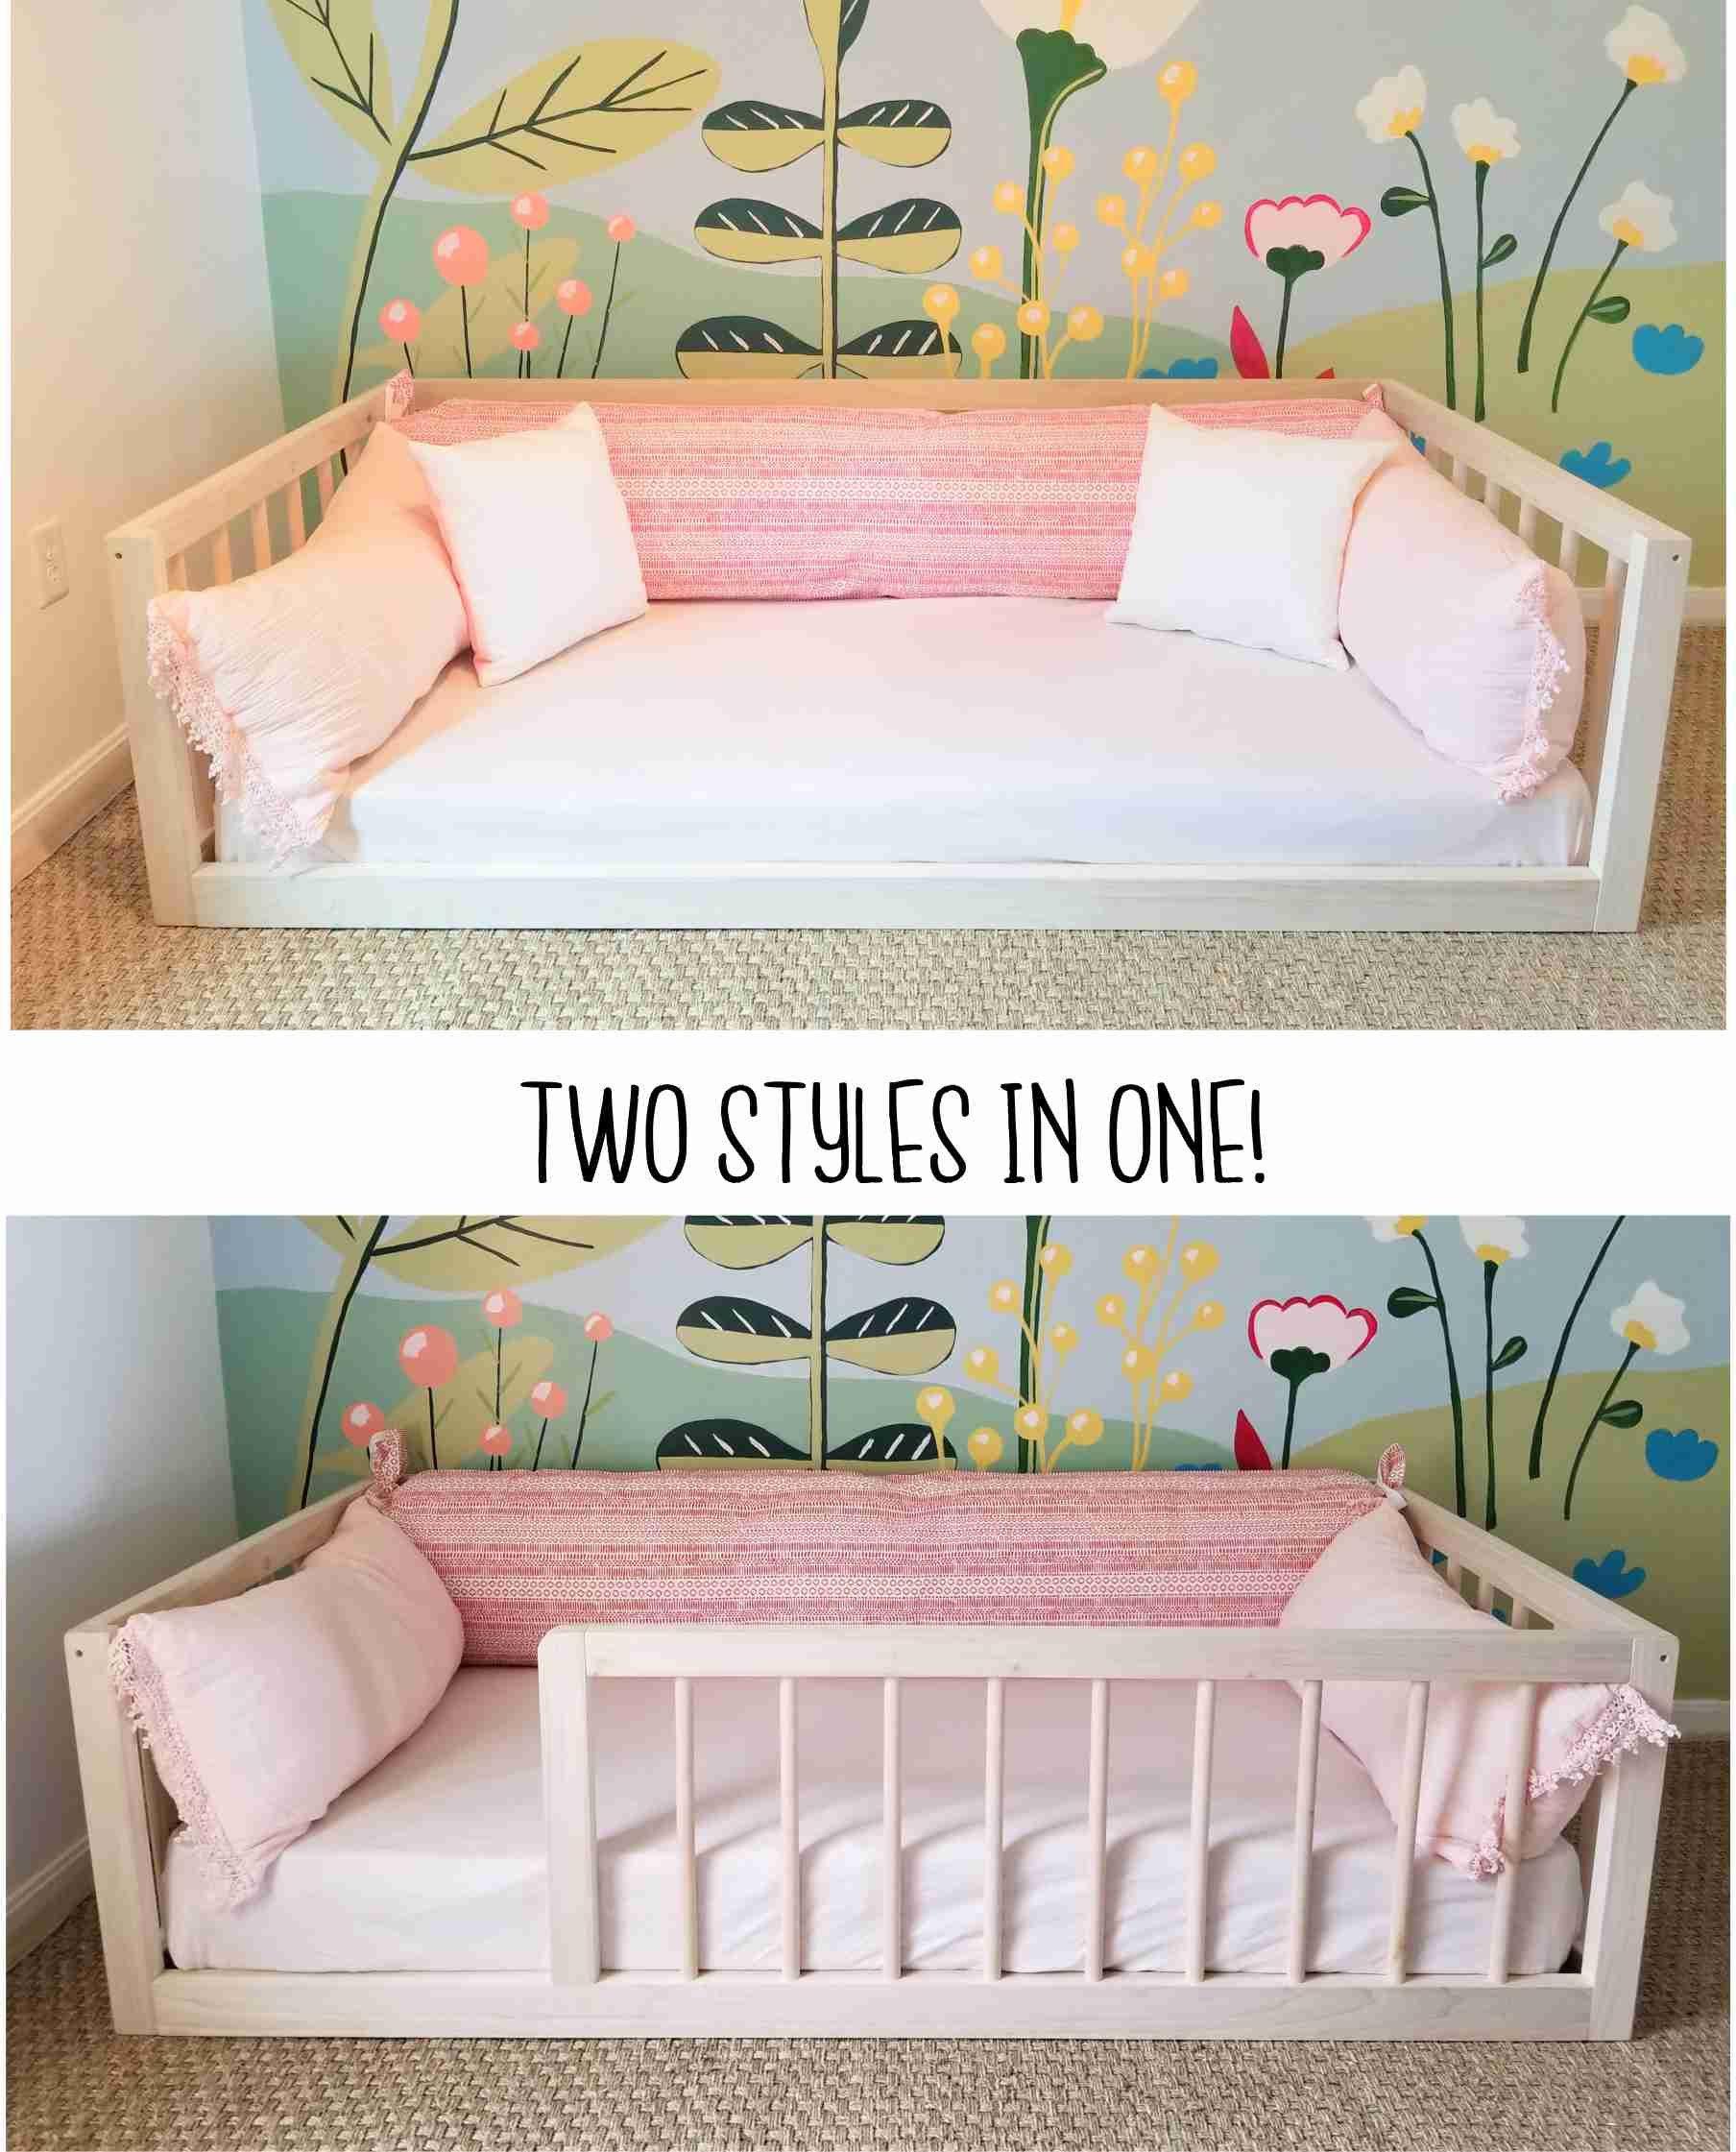 21 غرف نوم ideas in 21   نوم, غرفة, أثاث